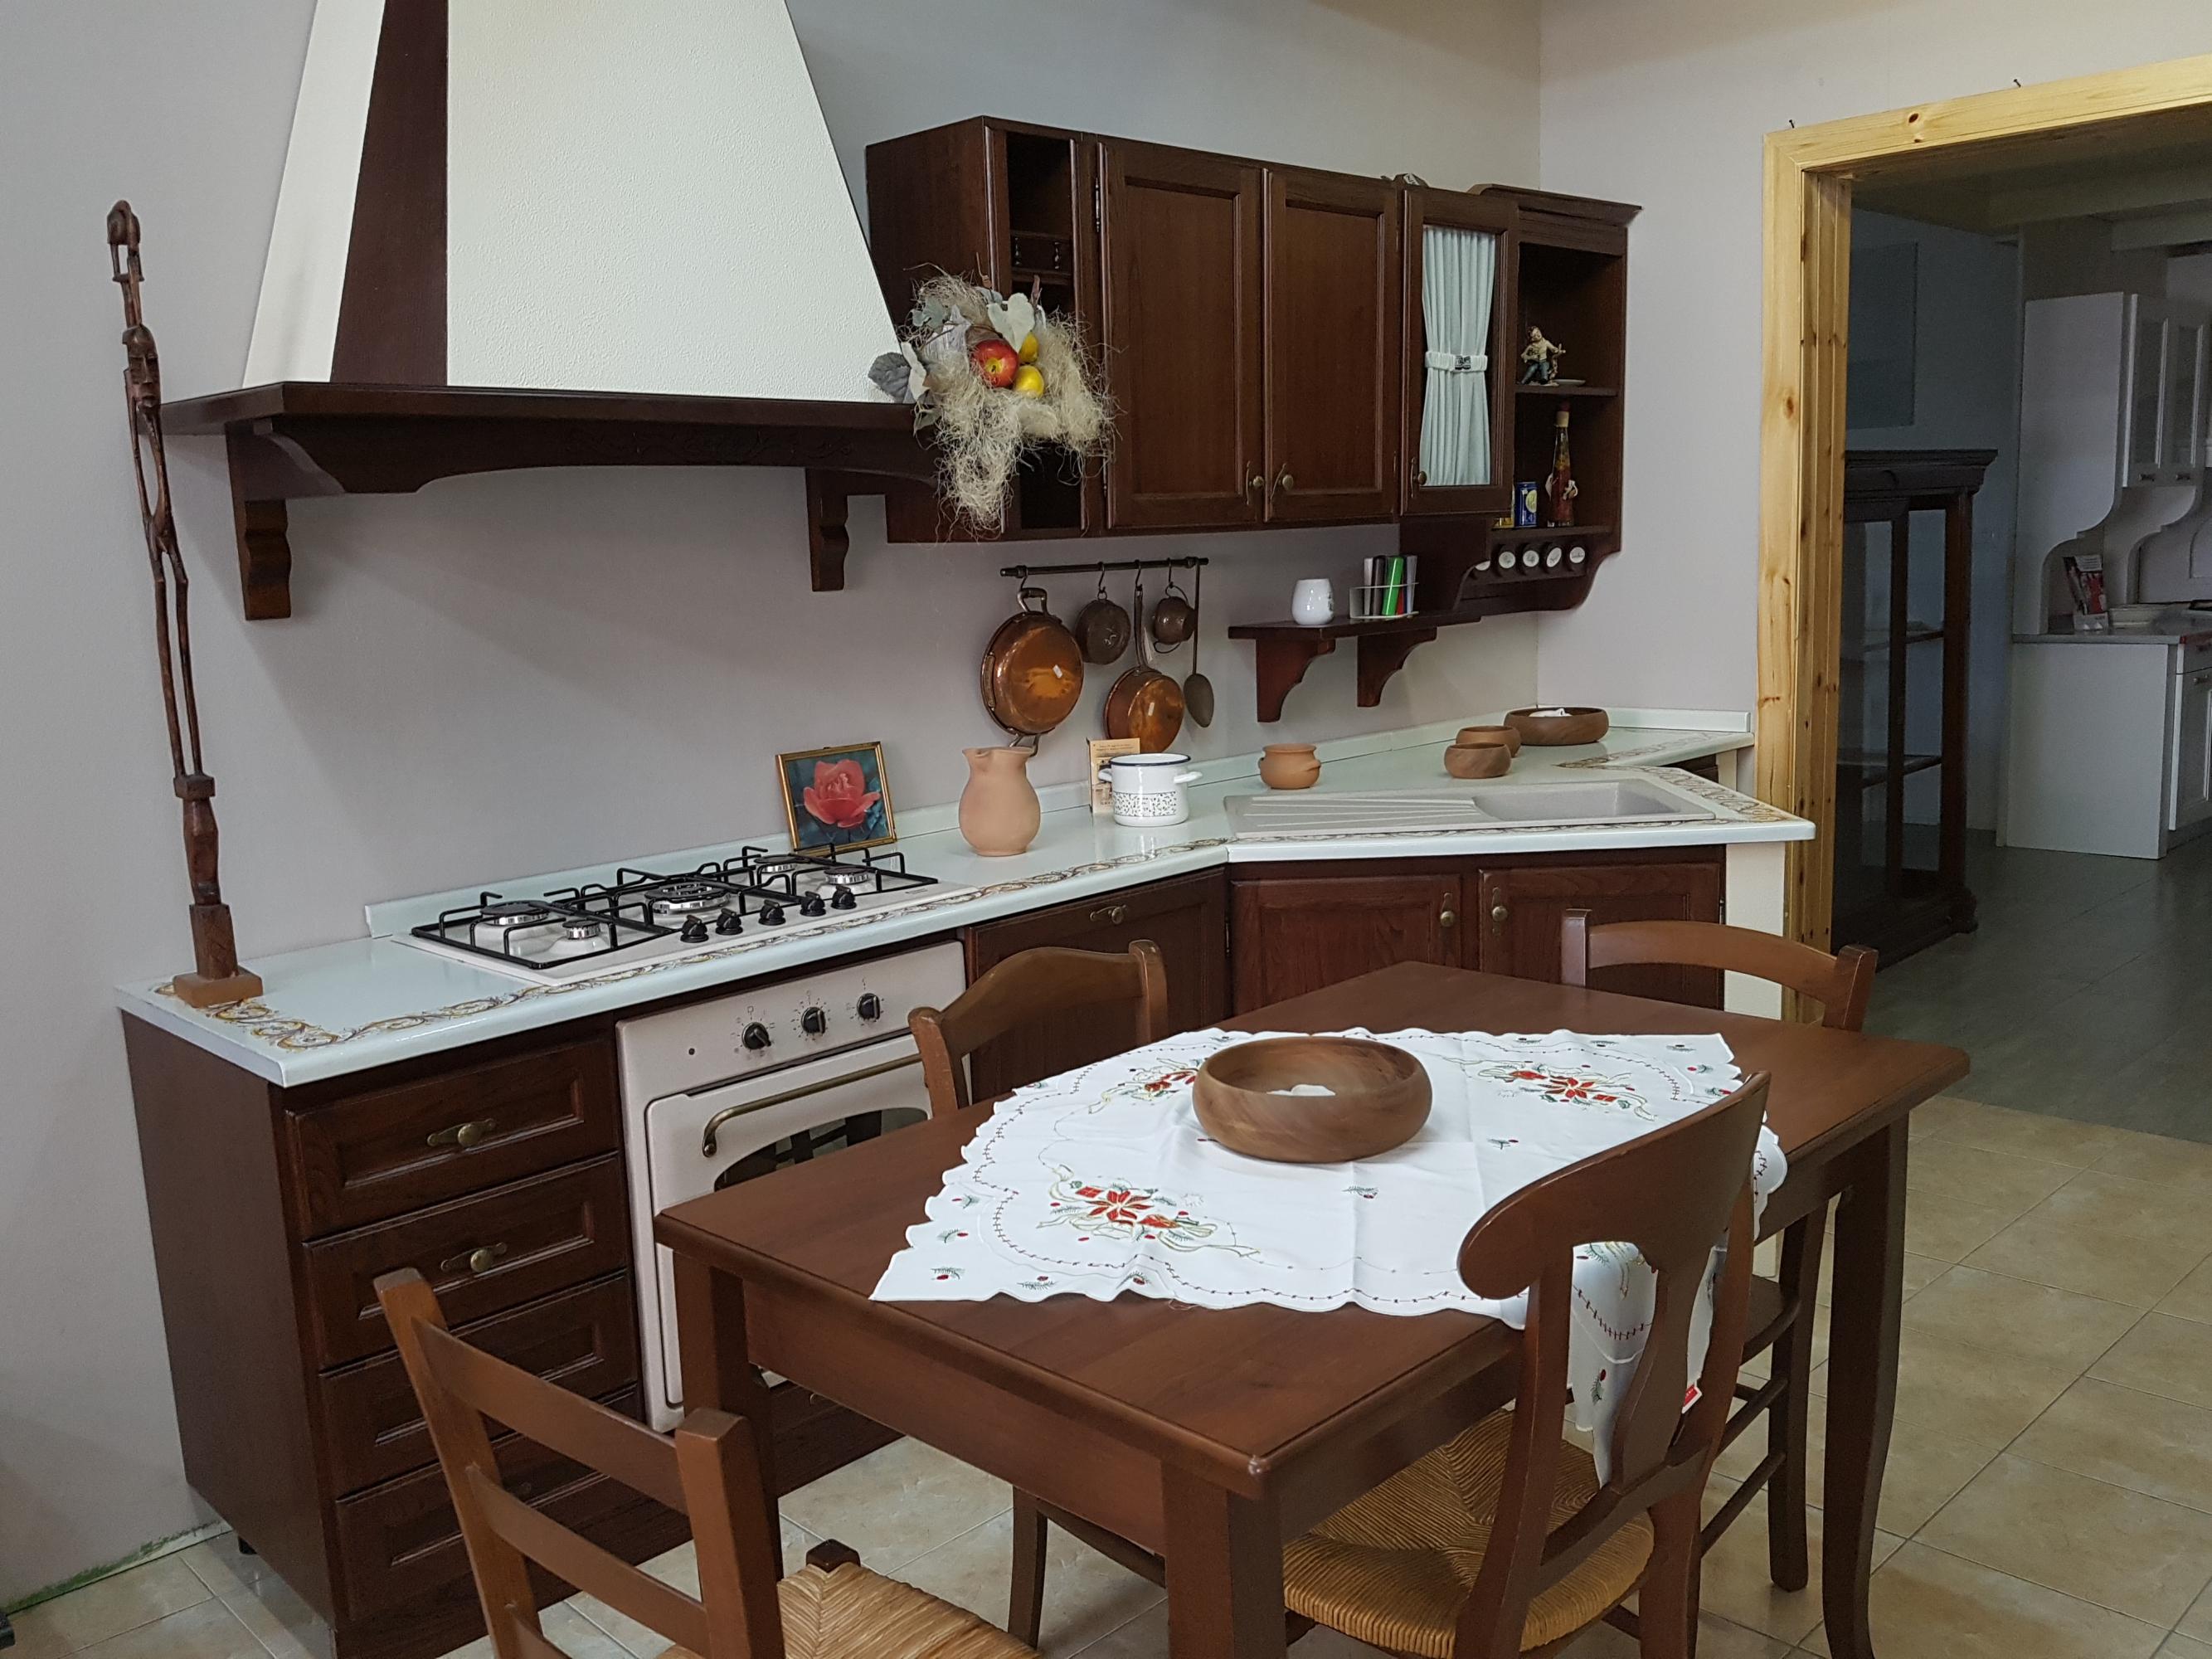 CUCINA CLASSICA - CUCINE - Arredamenti Cucine Siciliane